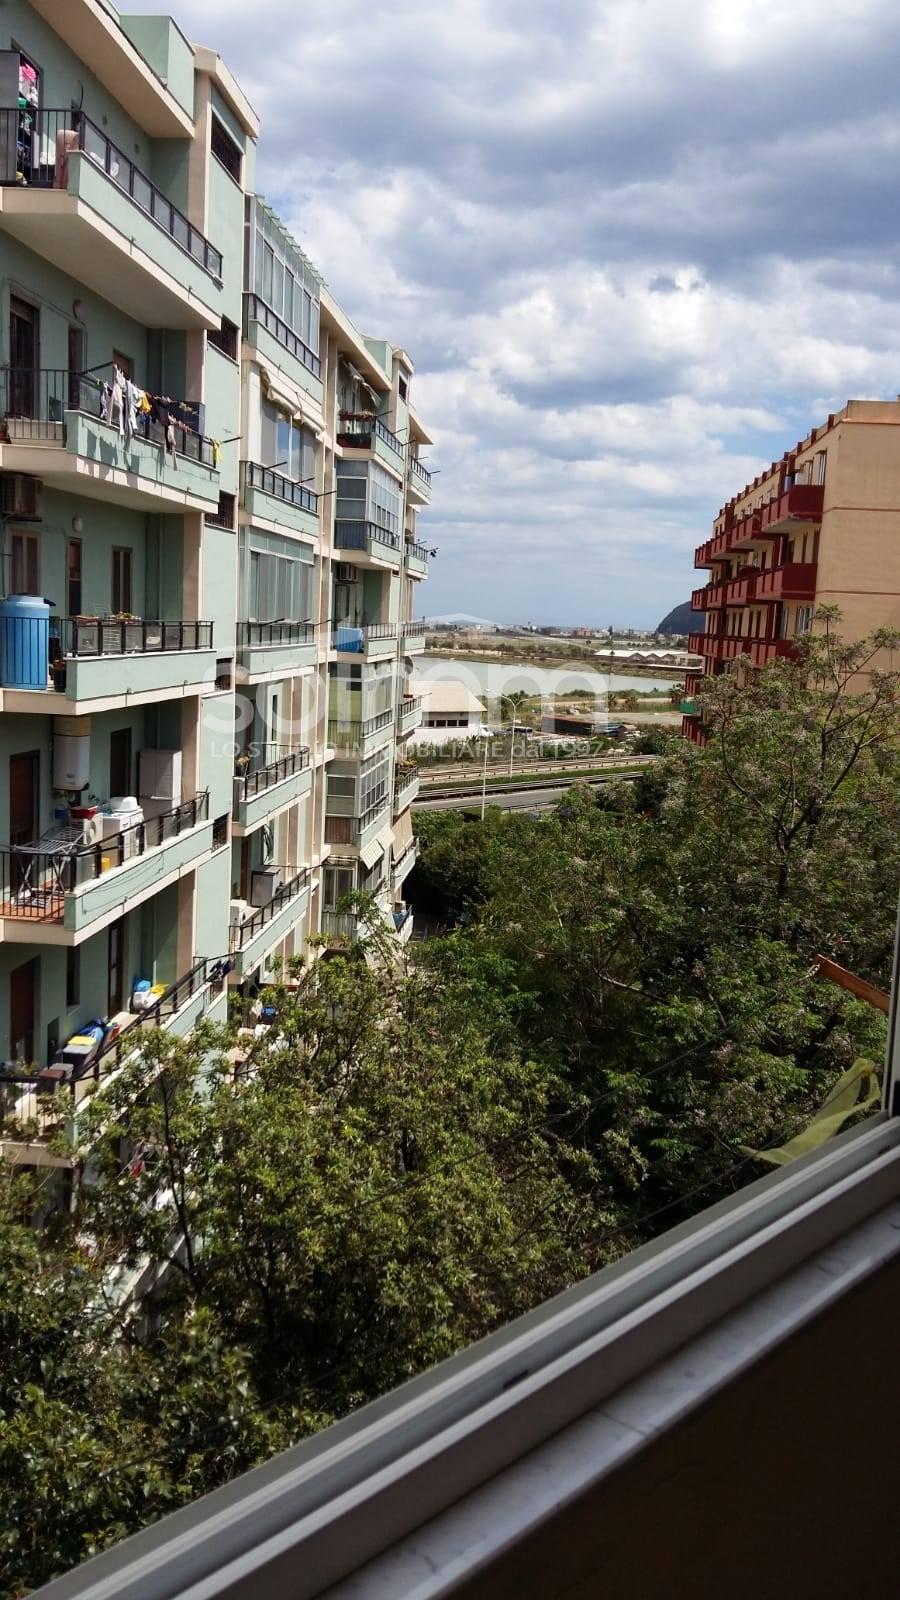 Appartamenti in affitto a cagliari for Case affitto cagliari non arredate